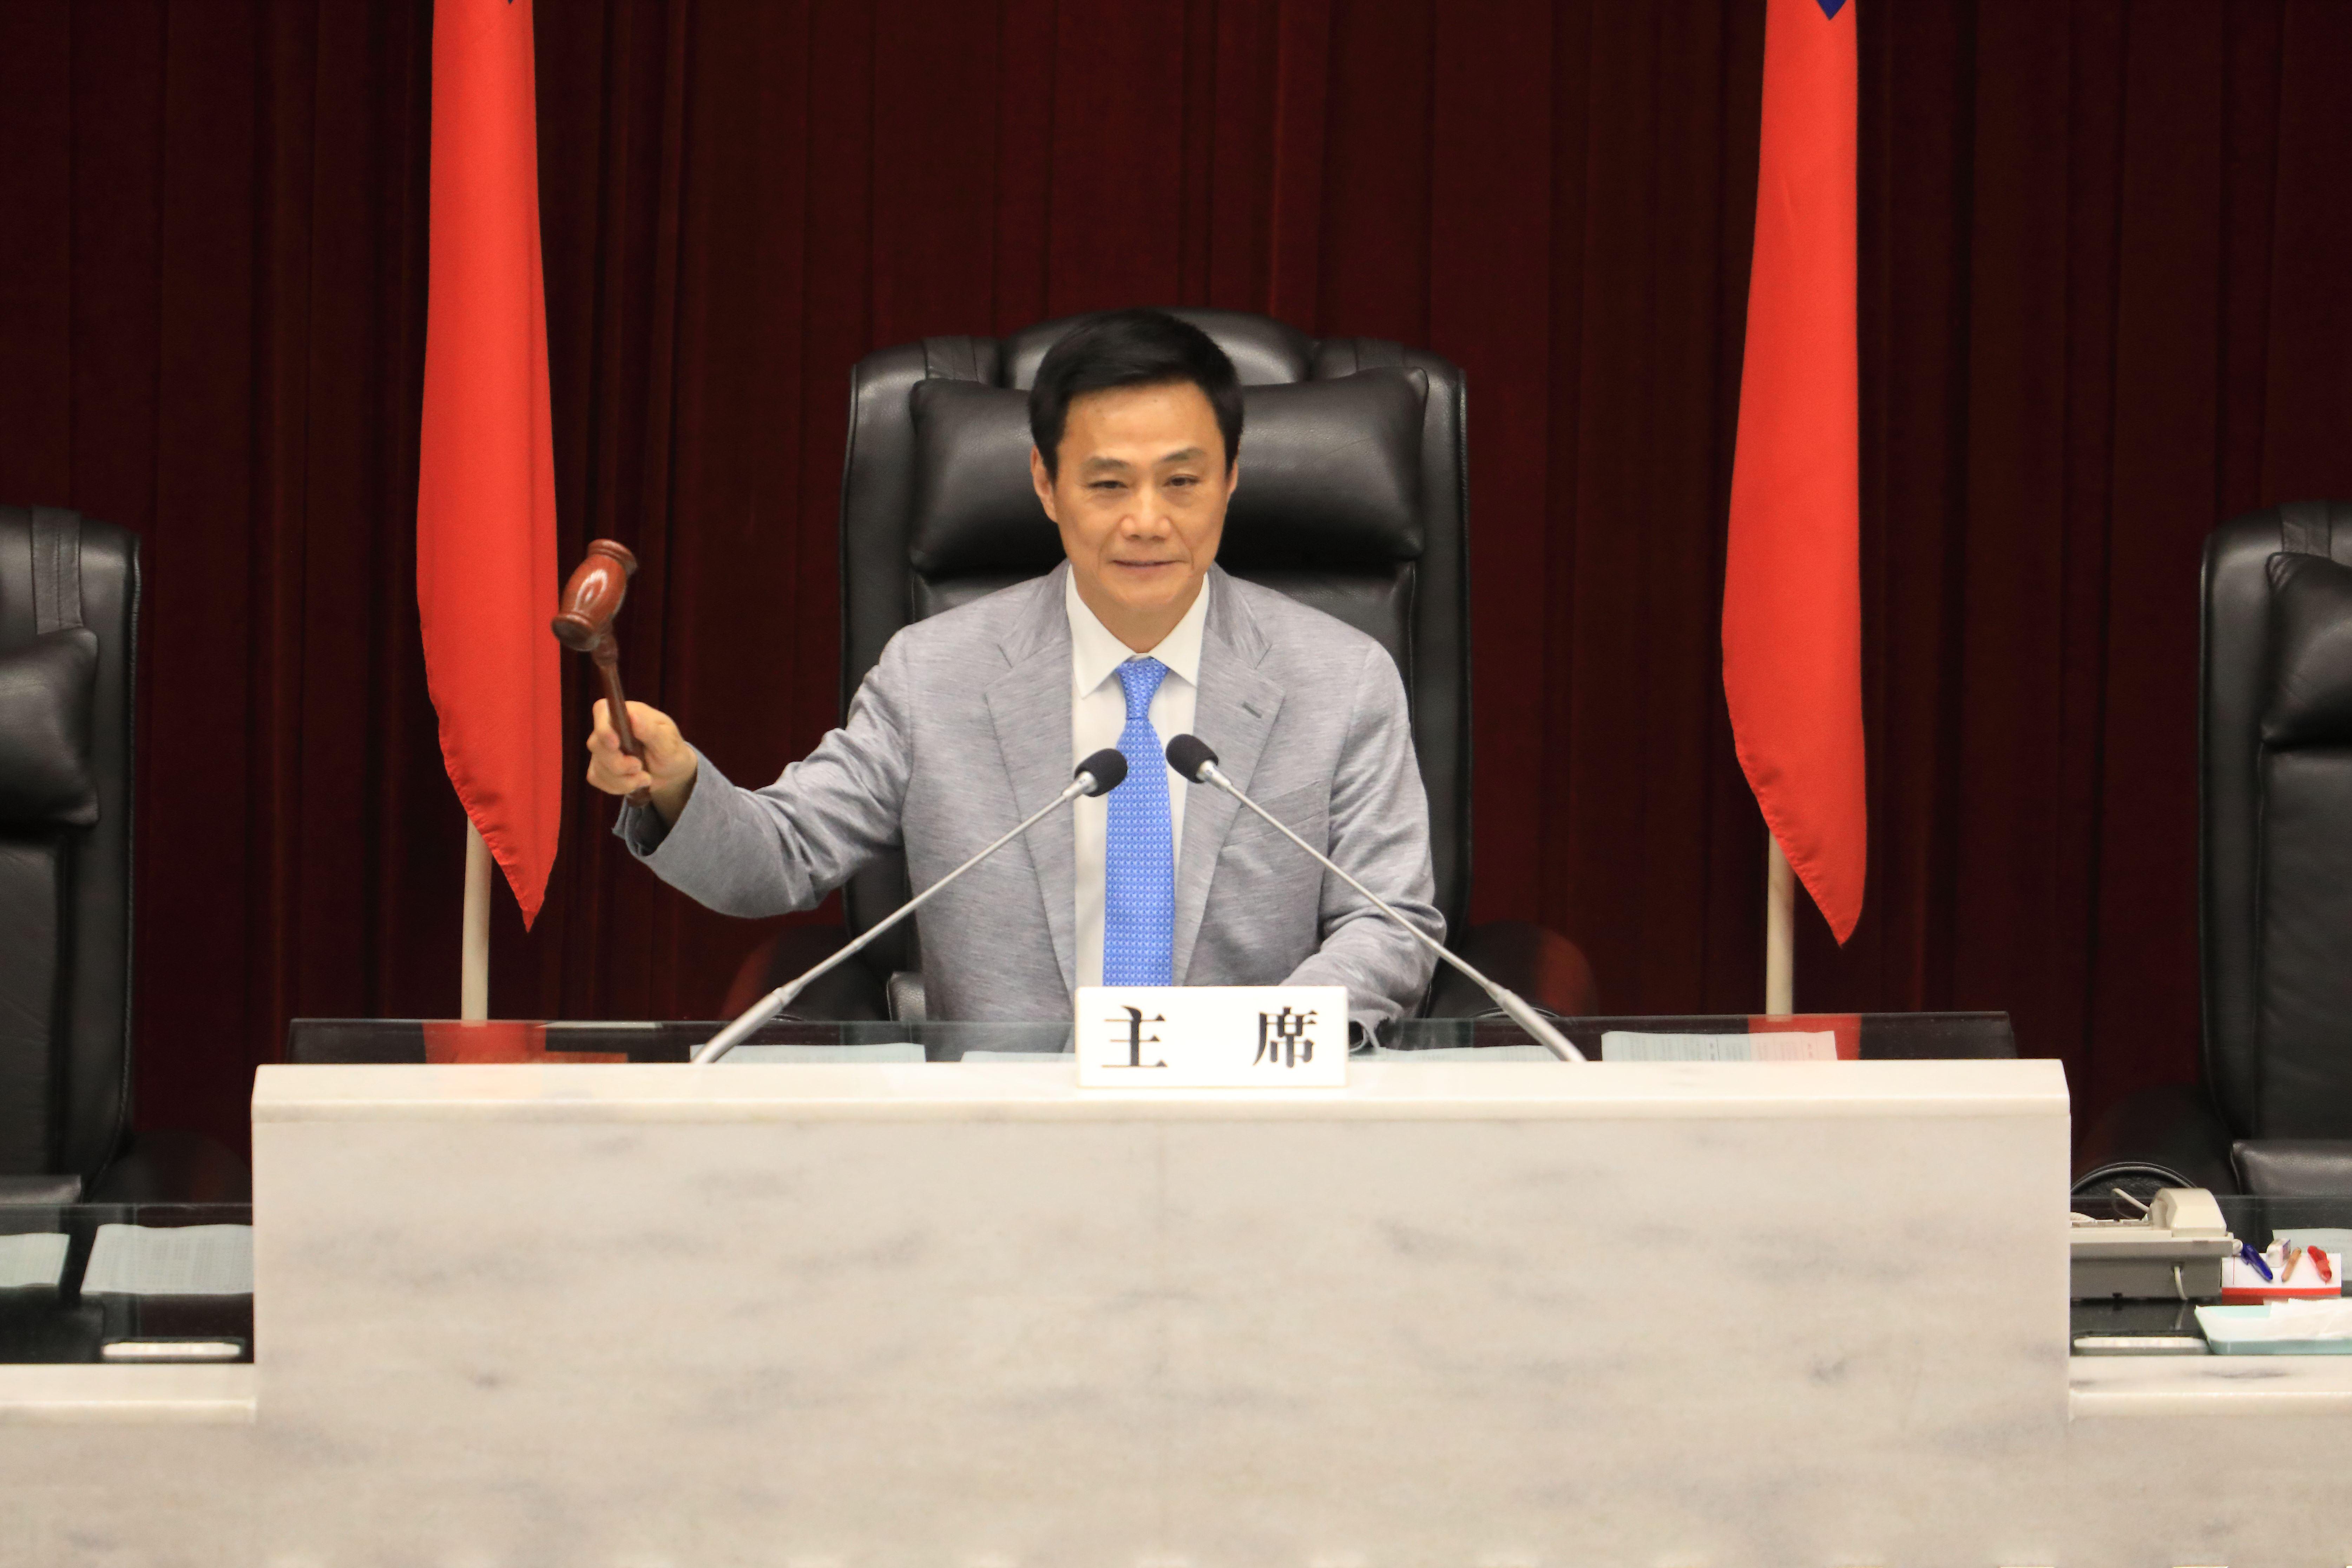 韓市長依規定請假,議會表示尊重